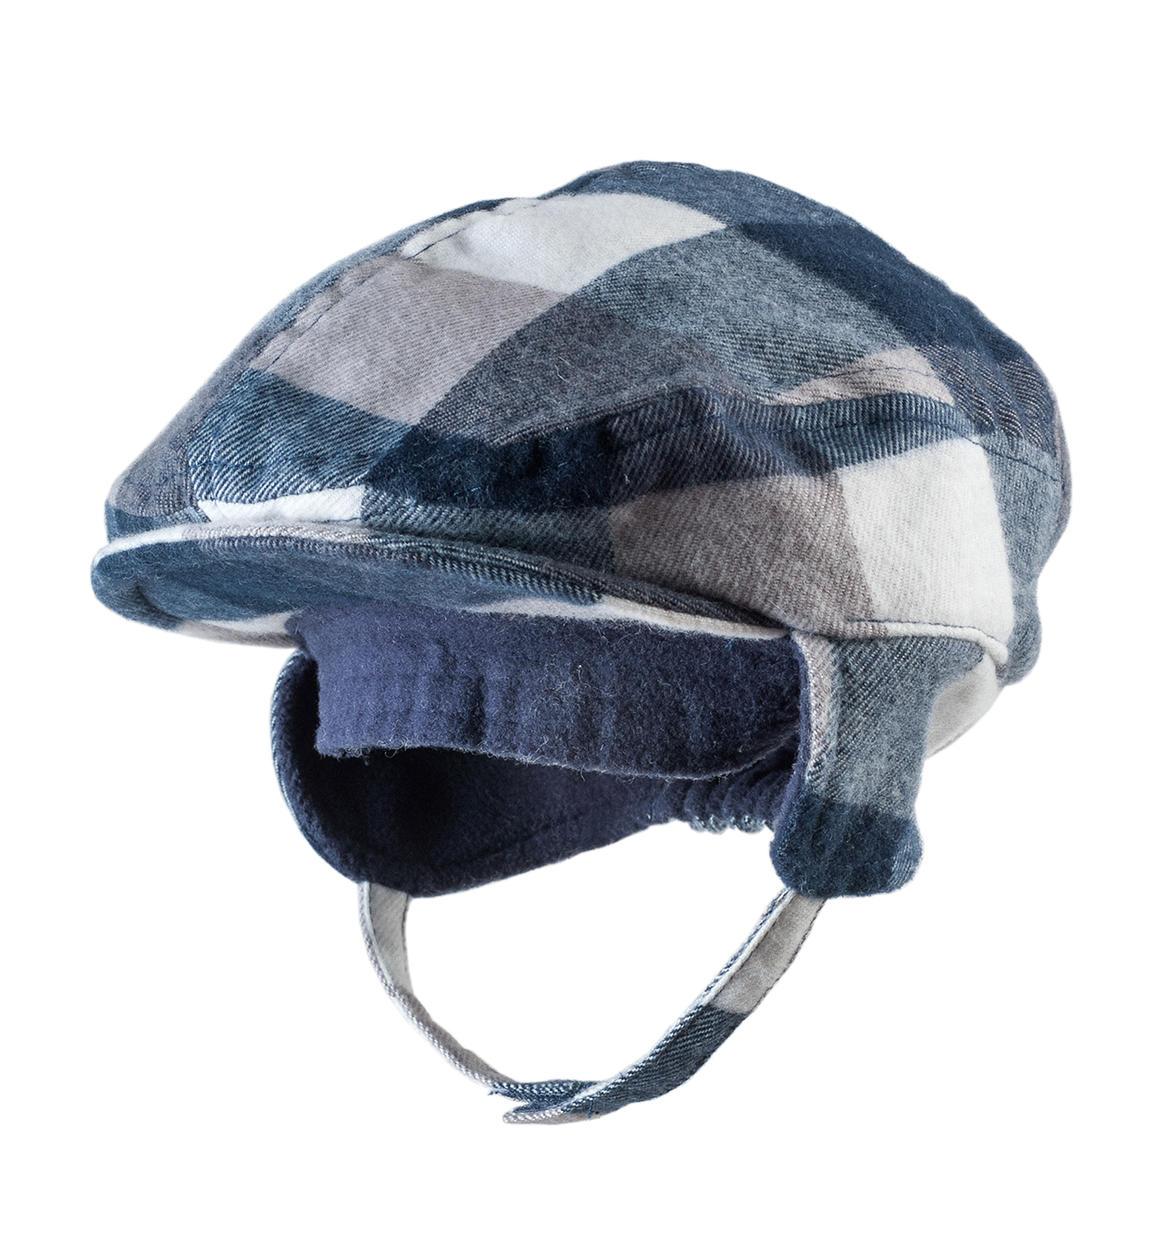 costruzione razionale originale a caldo vero affare Cappello modello coppola con paraorecchie per bambino da 0 a 18 mesi iDO